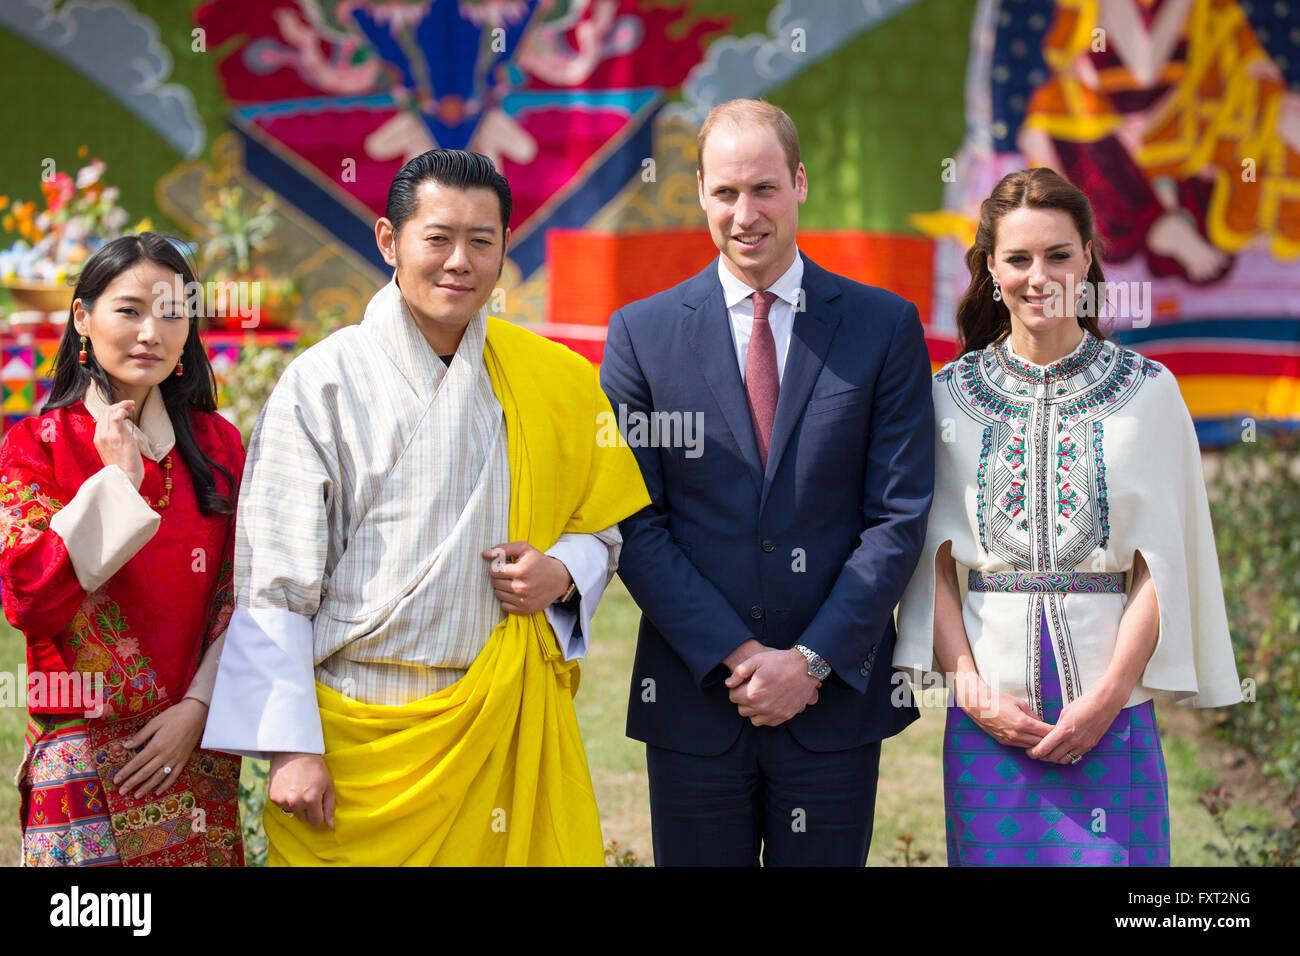 Le prince William, duc de Cambridge et Catherine, duchesse de Cambridge posent avec le roi Jigme Khesar Namgyel Photo Stock